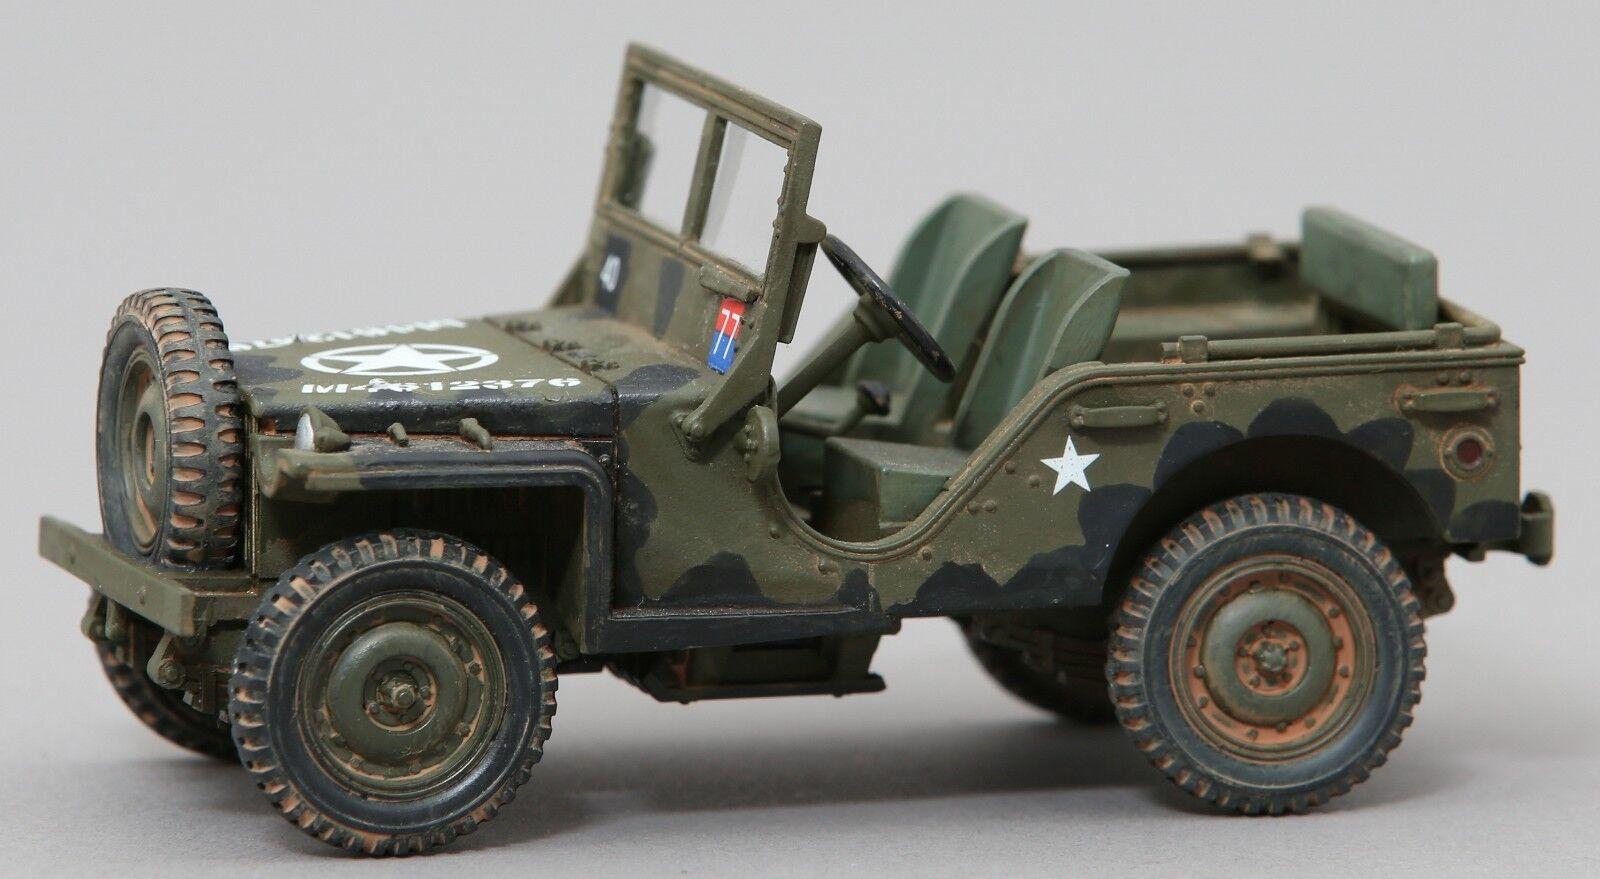 Thomas Gunn WW2 Amerikanische GB009 U.S.Willys G503 Jeep MIB